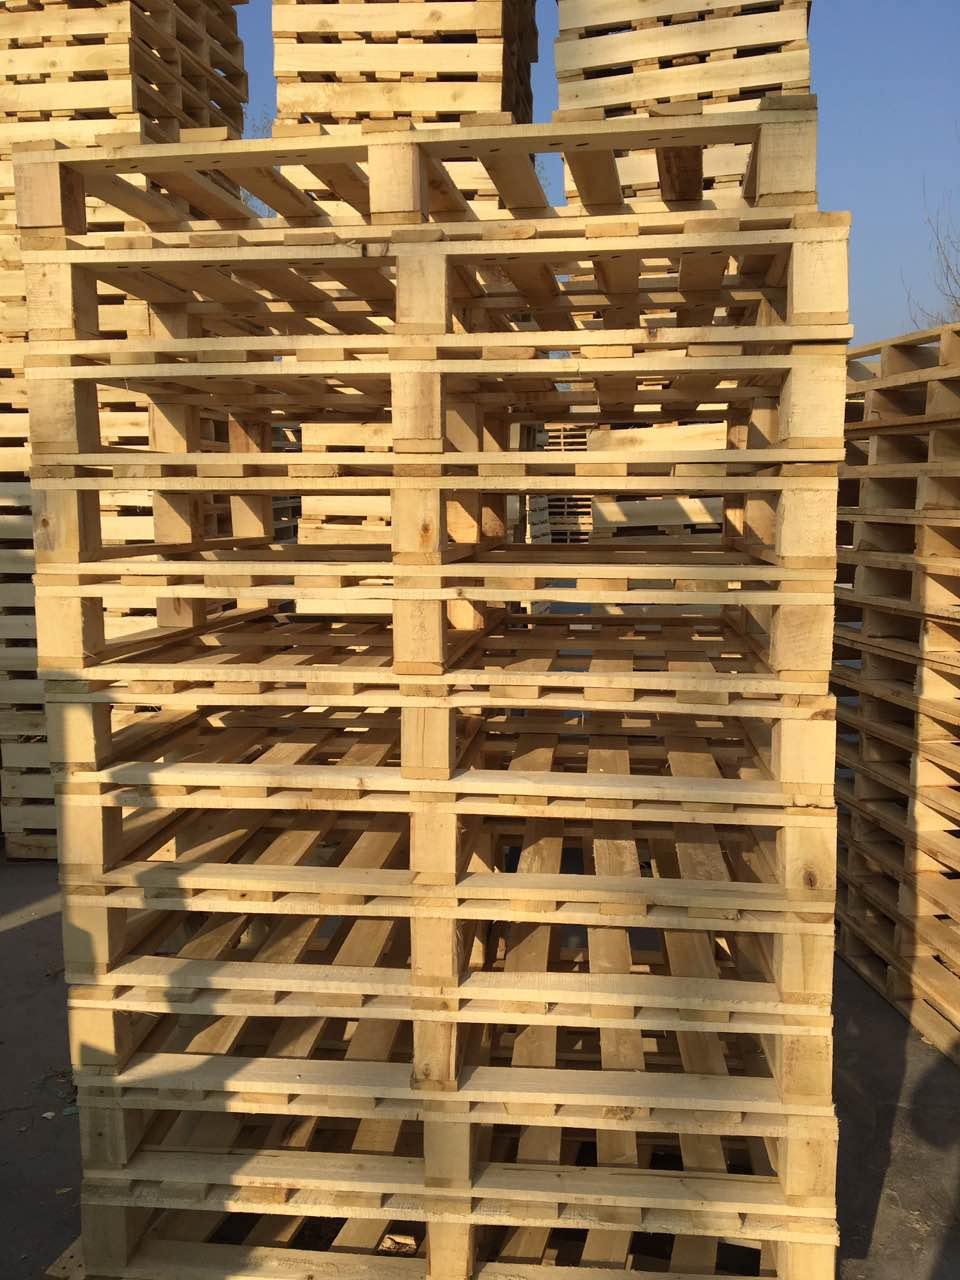 加工木制品,加工木制品厂家,加工木制品价格